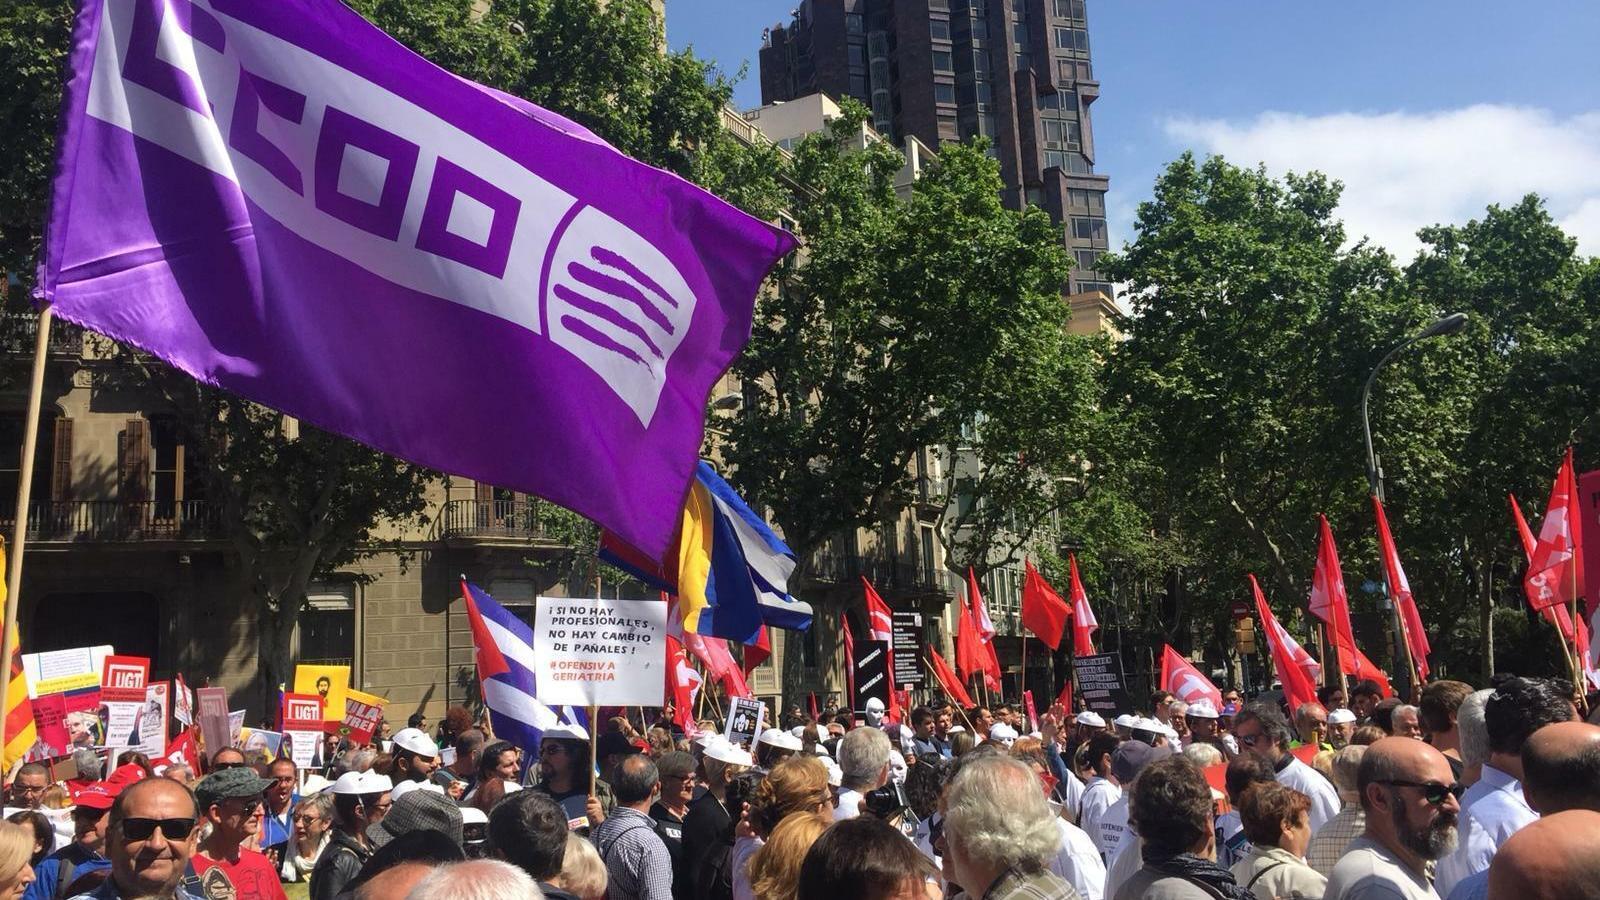 Els resultats del 28-A donen força al clam sindical contra la reforma laboral